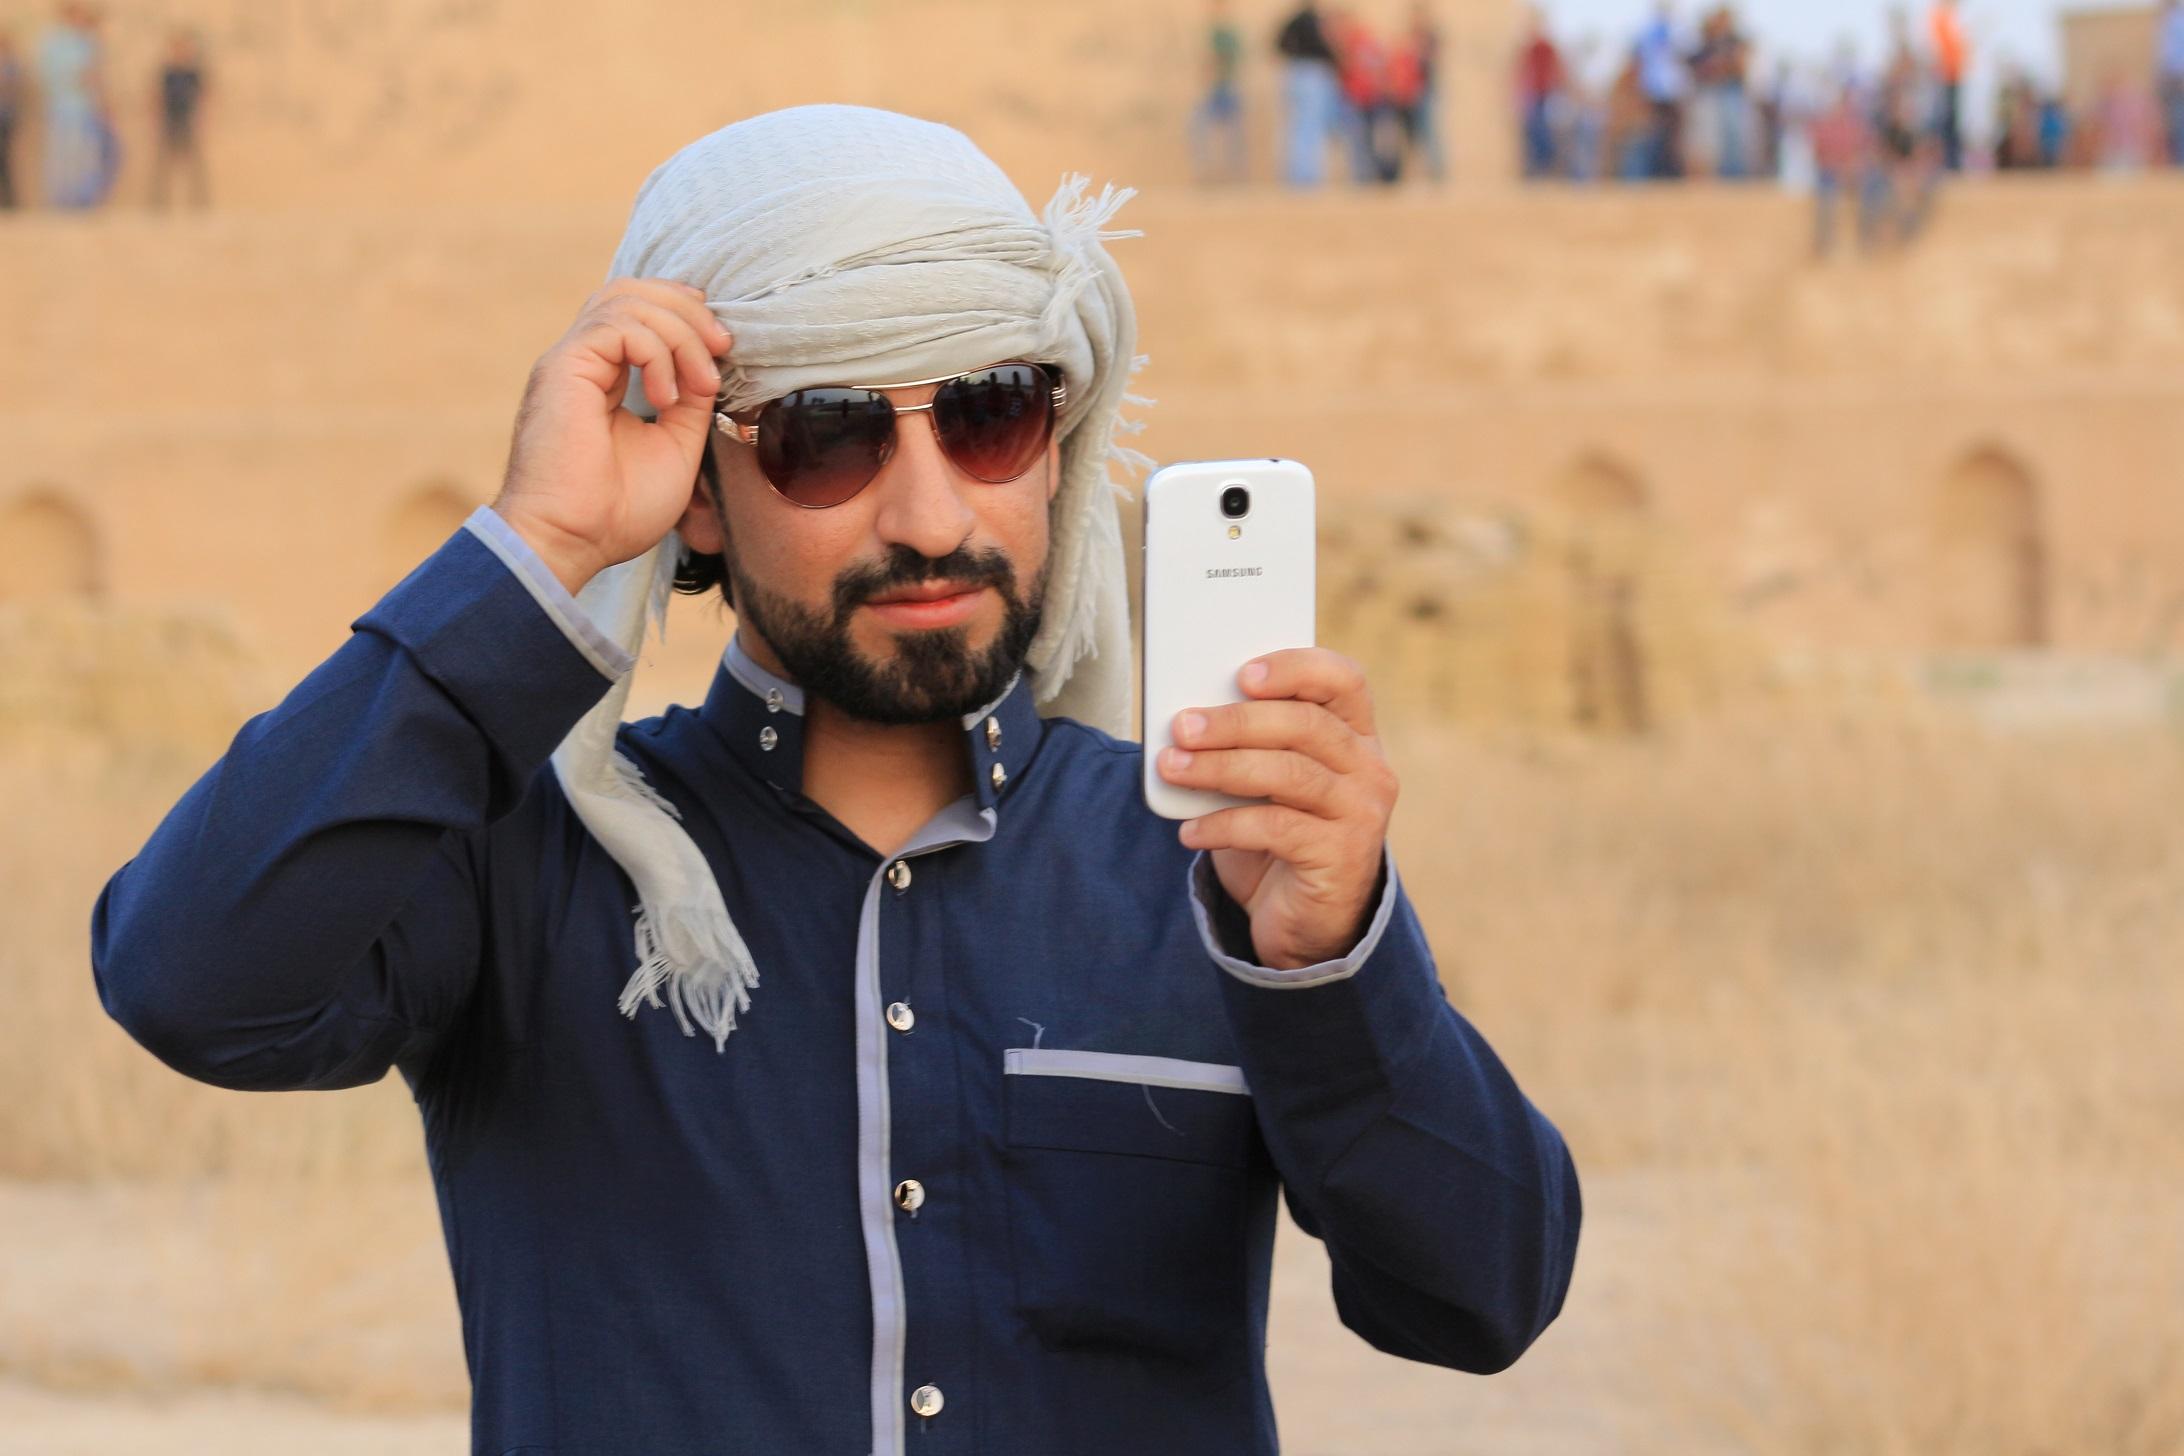 بالصور صور شباب العراق , شباب عراقية في غاية الجمال والشياكة 505 13